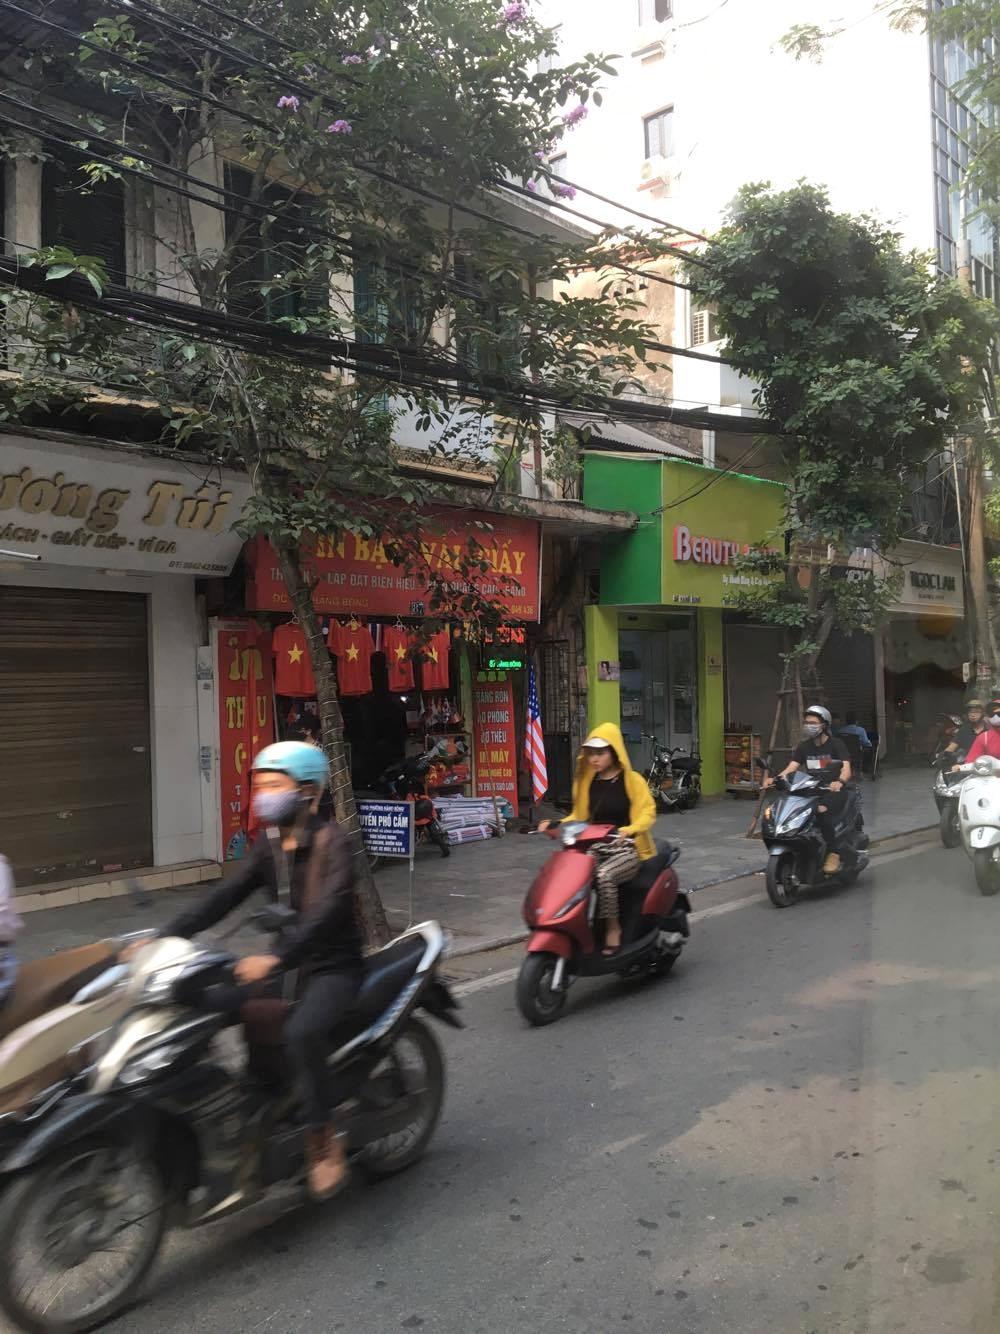 Photo taken from the bus @ Hanoi, Old Quarter